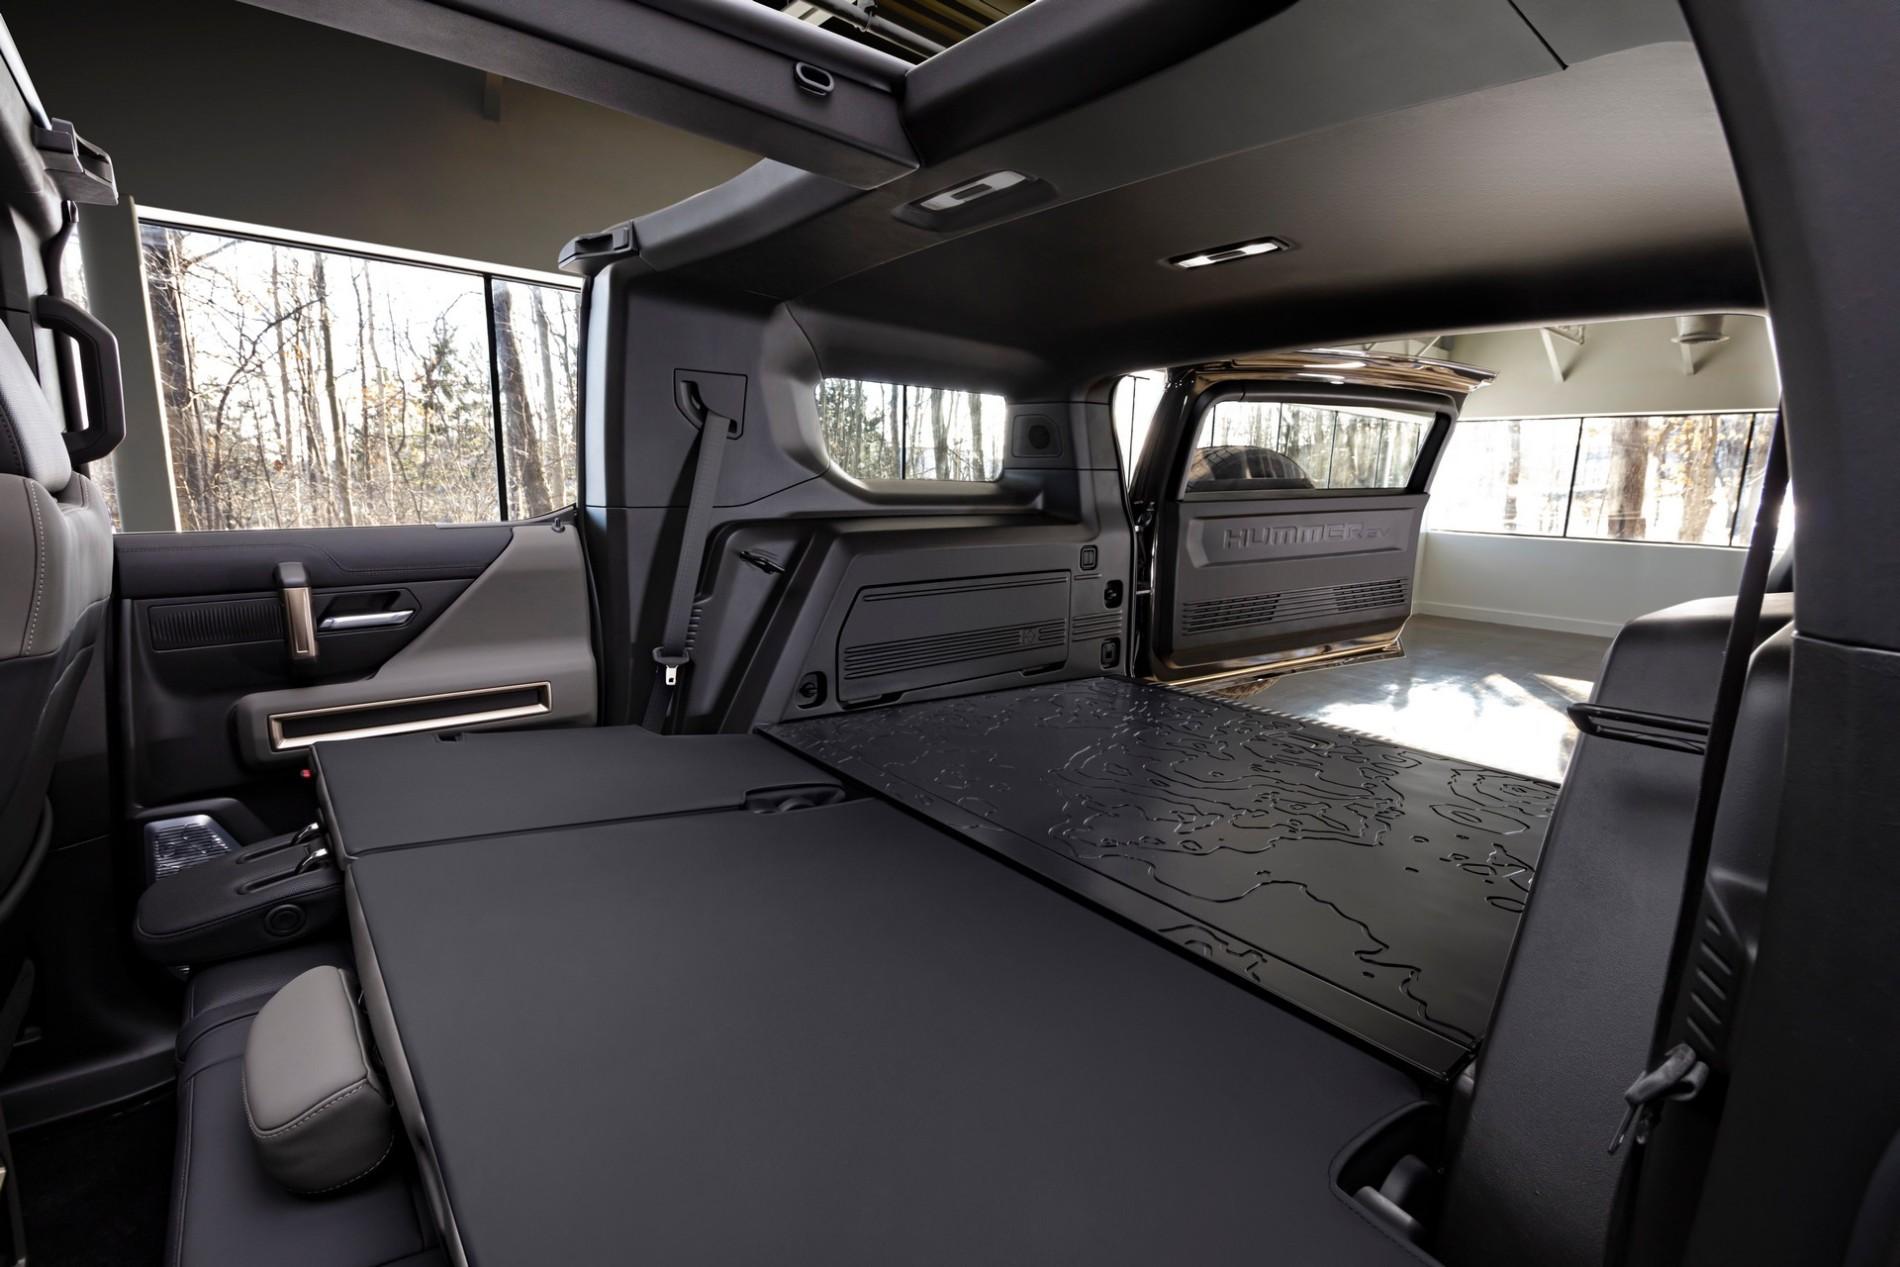 GMC Hummer EV SUV - Poze noi - GMC Hummer EV SUV - Poze noi